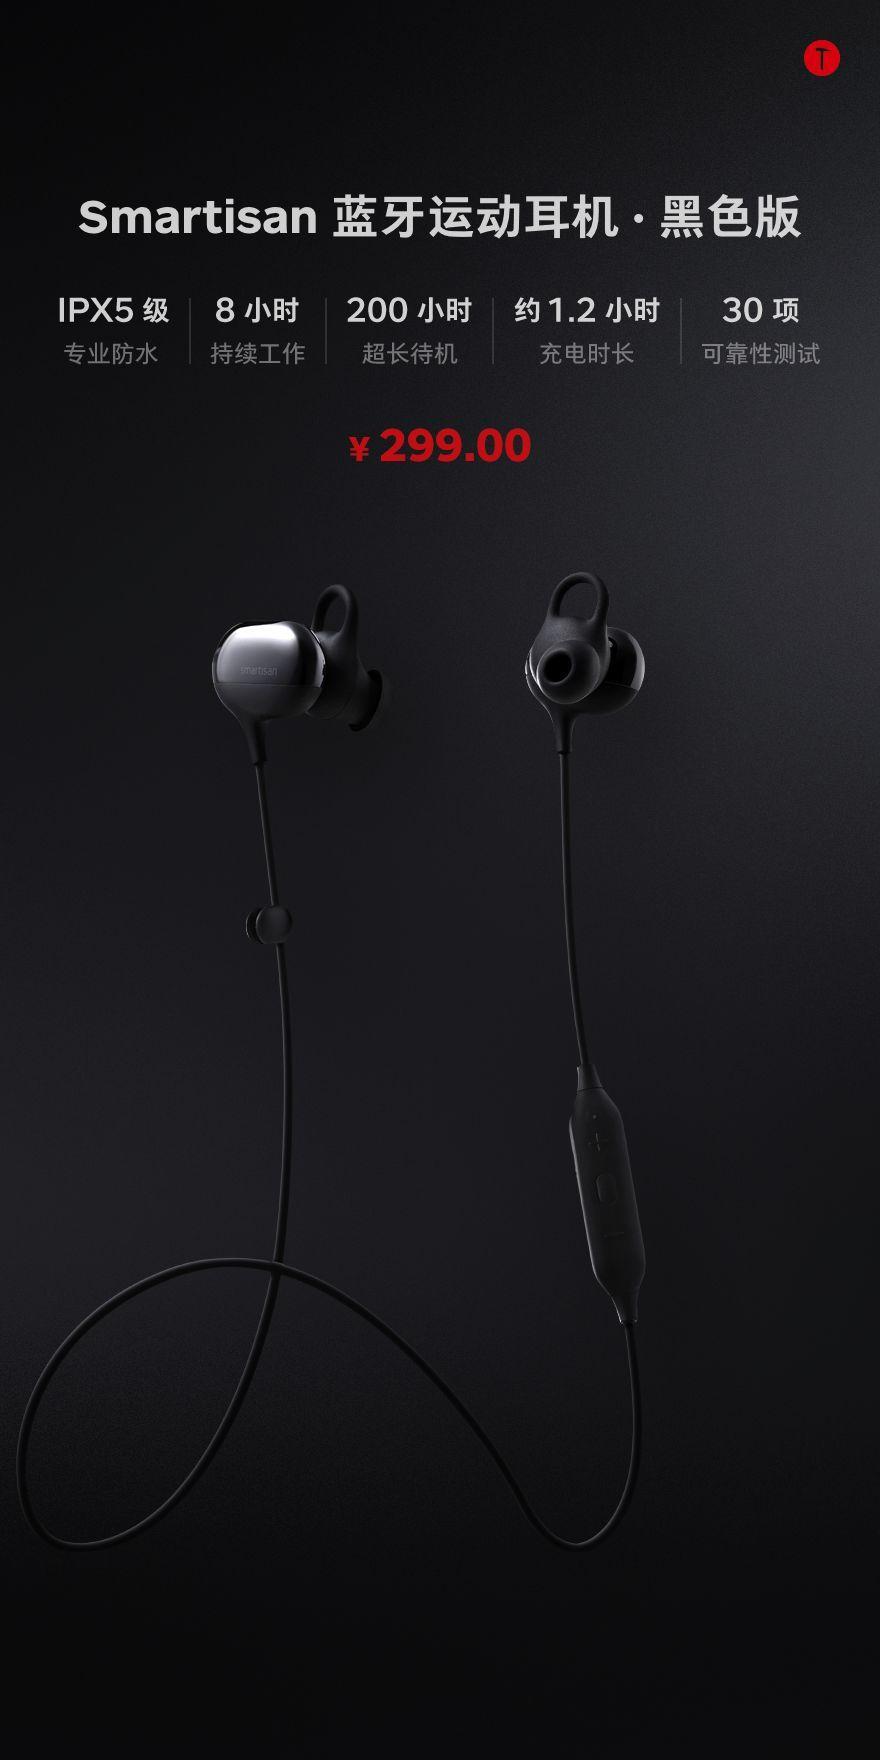 运动派的新选择,Smartisan 蓝牙运动耳机 · 黑色版现已上市